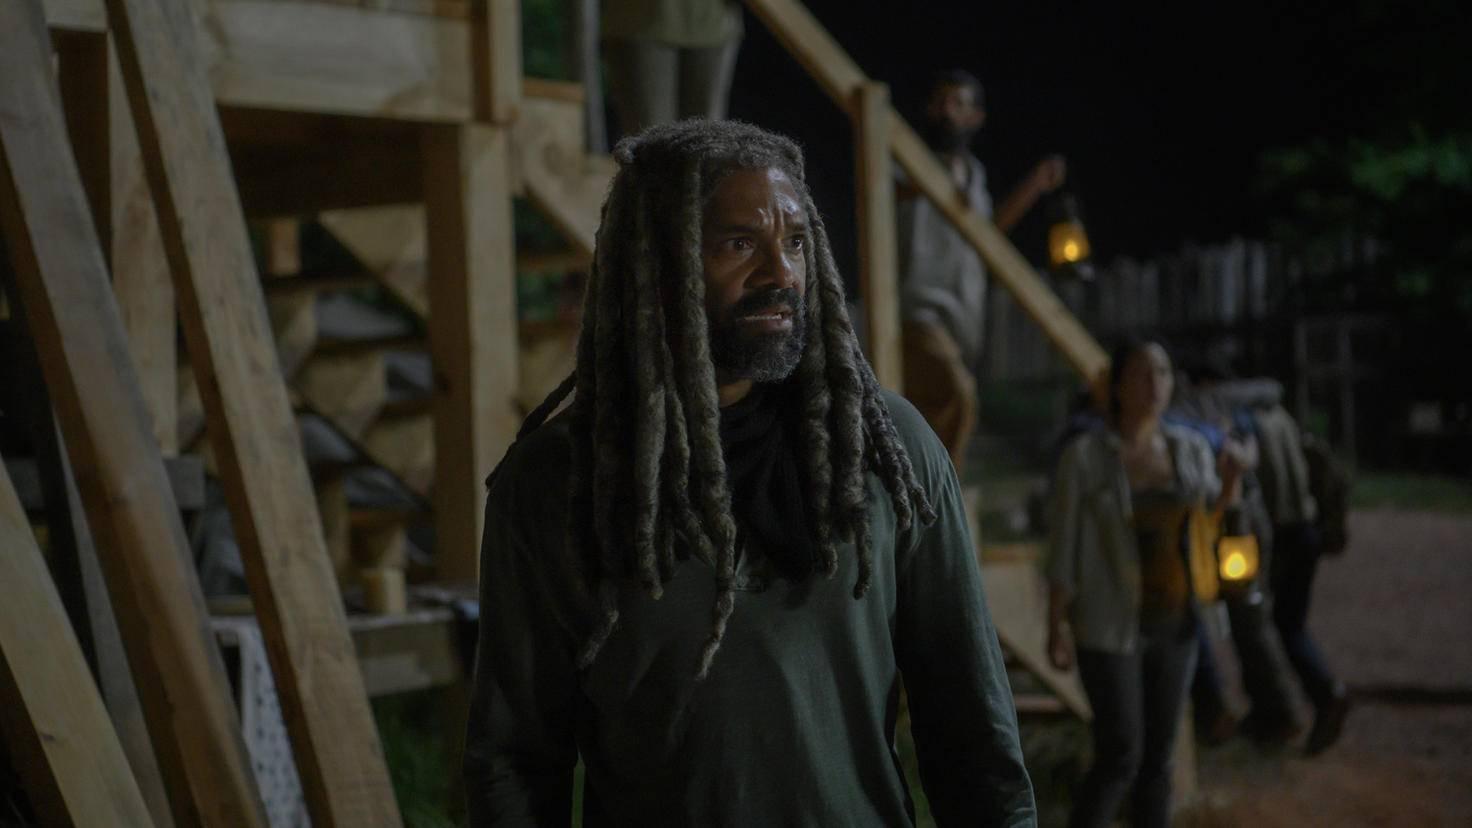 The Walking Dead-S10E04-Ezekiel-Gene Page-AMC